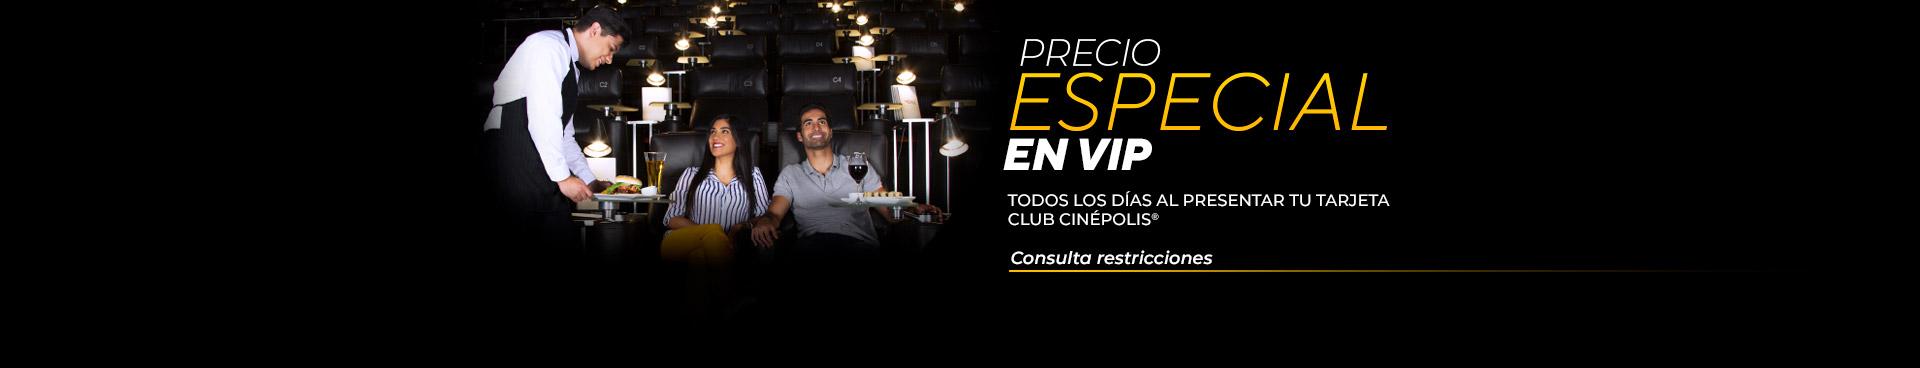 Promocion Precio especial VIP